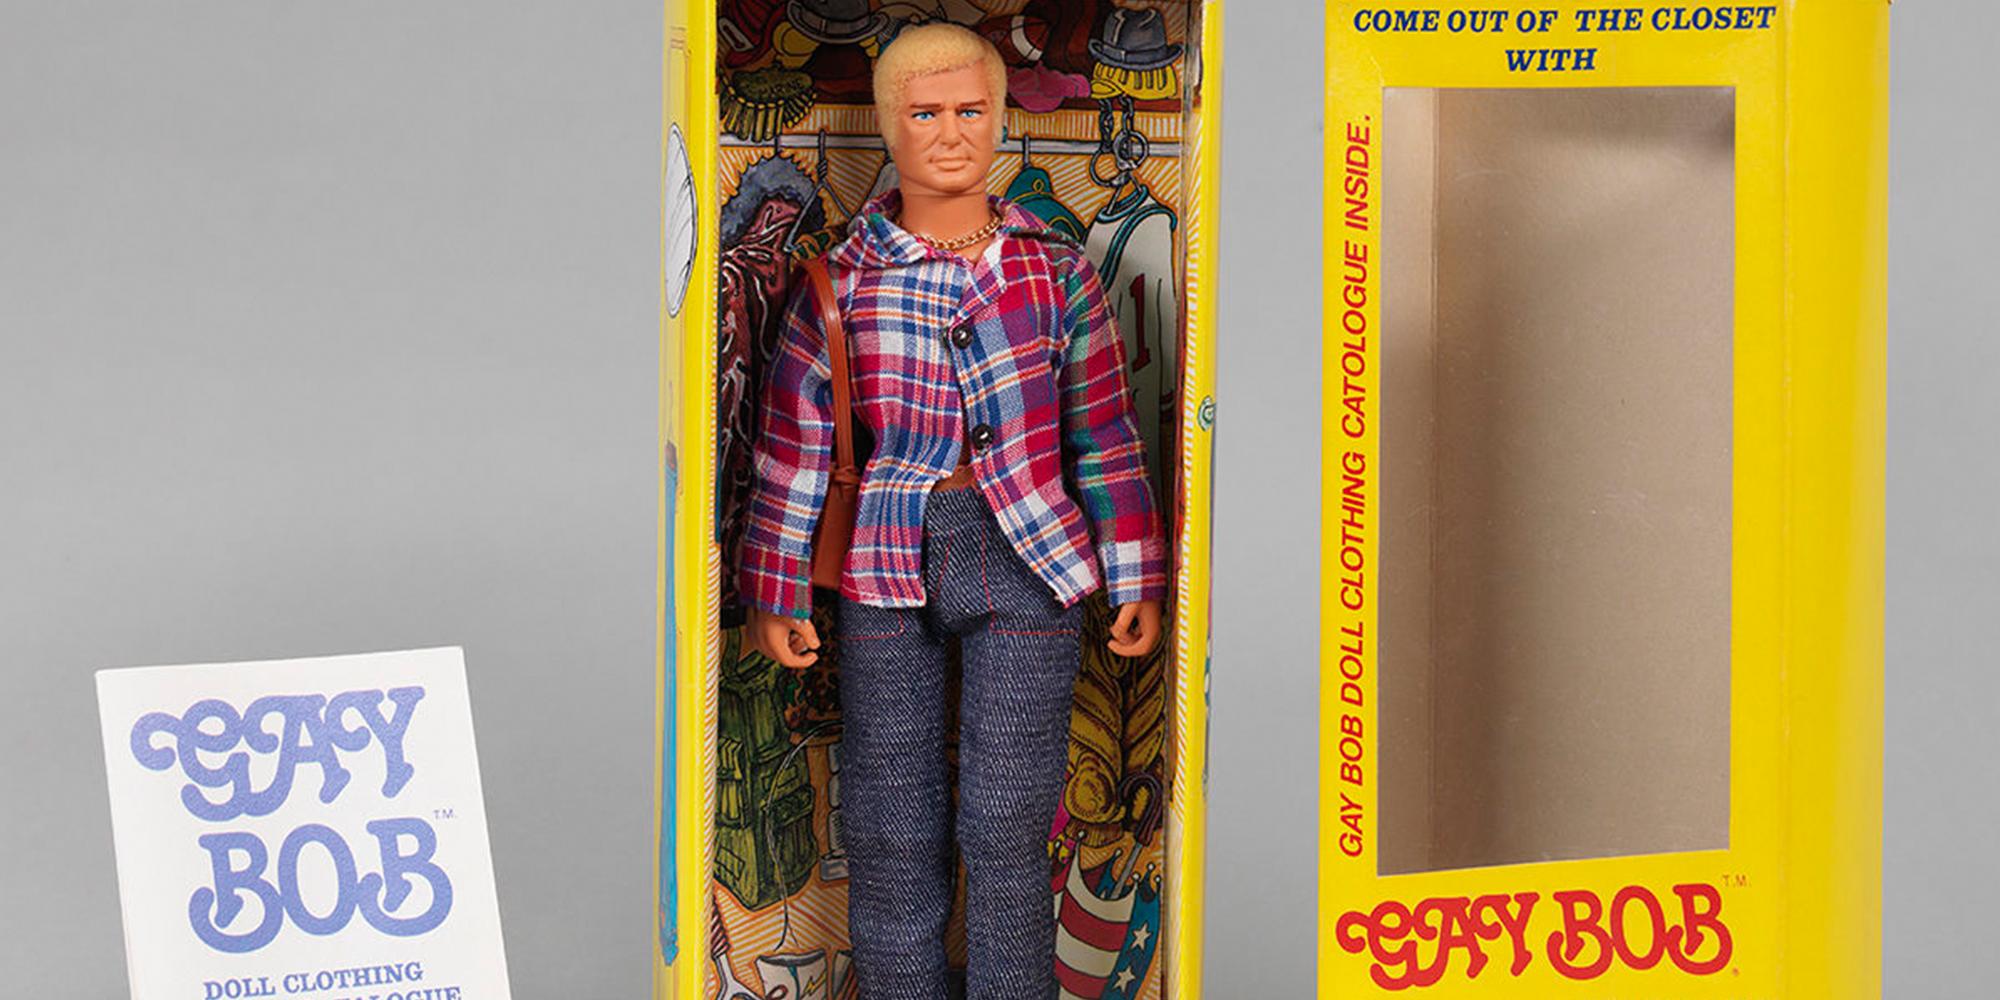 En 1978, la muñeca anatómicamente correcta 'Gay Bob' encandiló a los gays y a los homófobos asustados